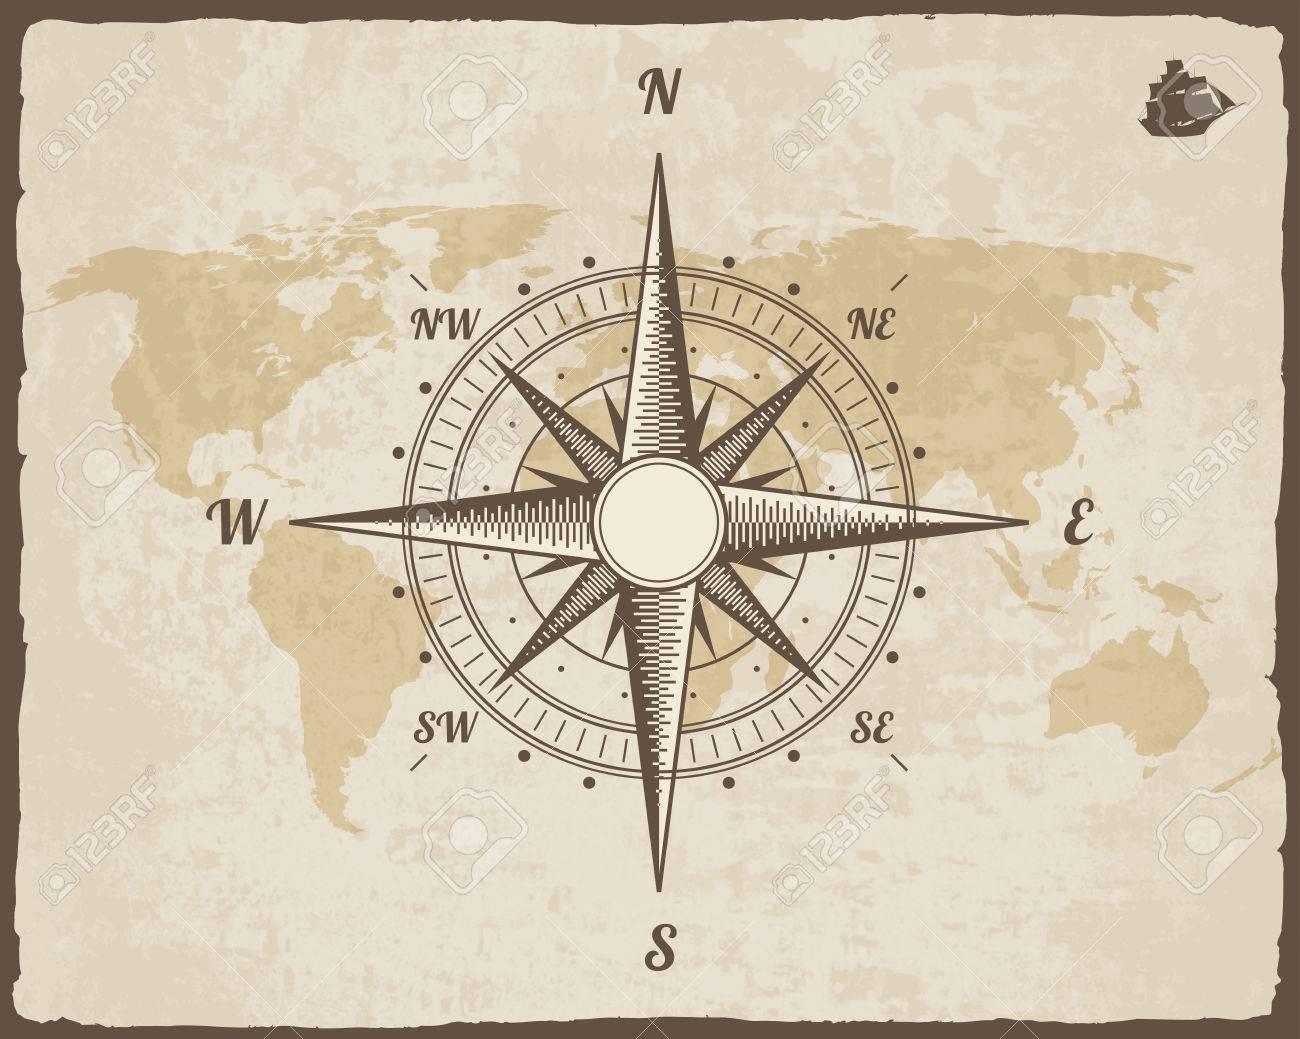 Compás Náutico De La Vendimia. Mapa De Viejo Mundo Sobre La Textura ...